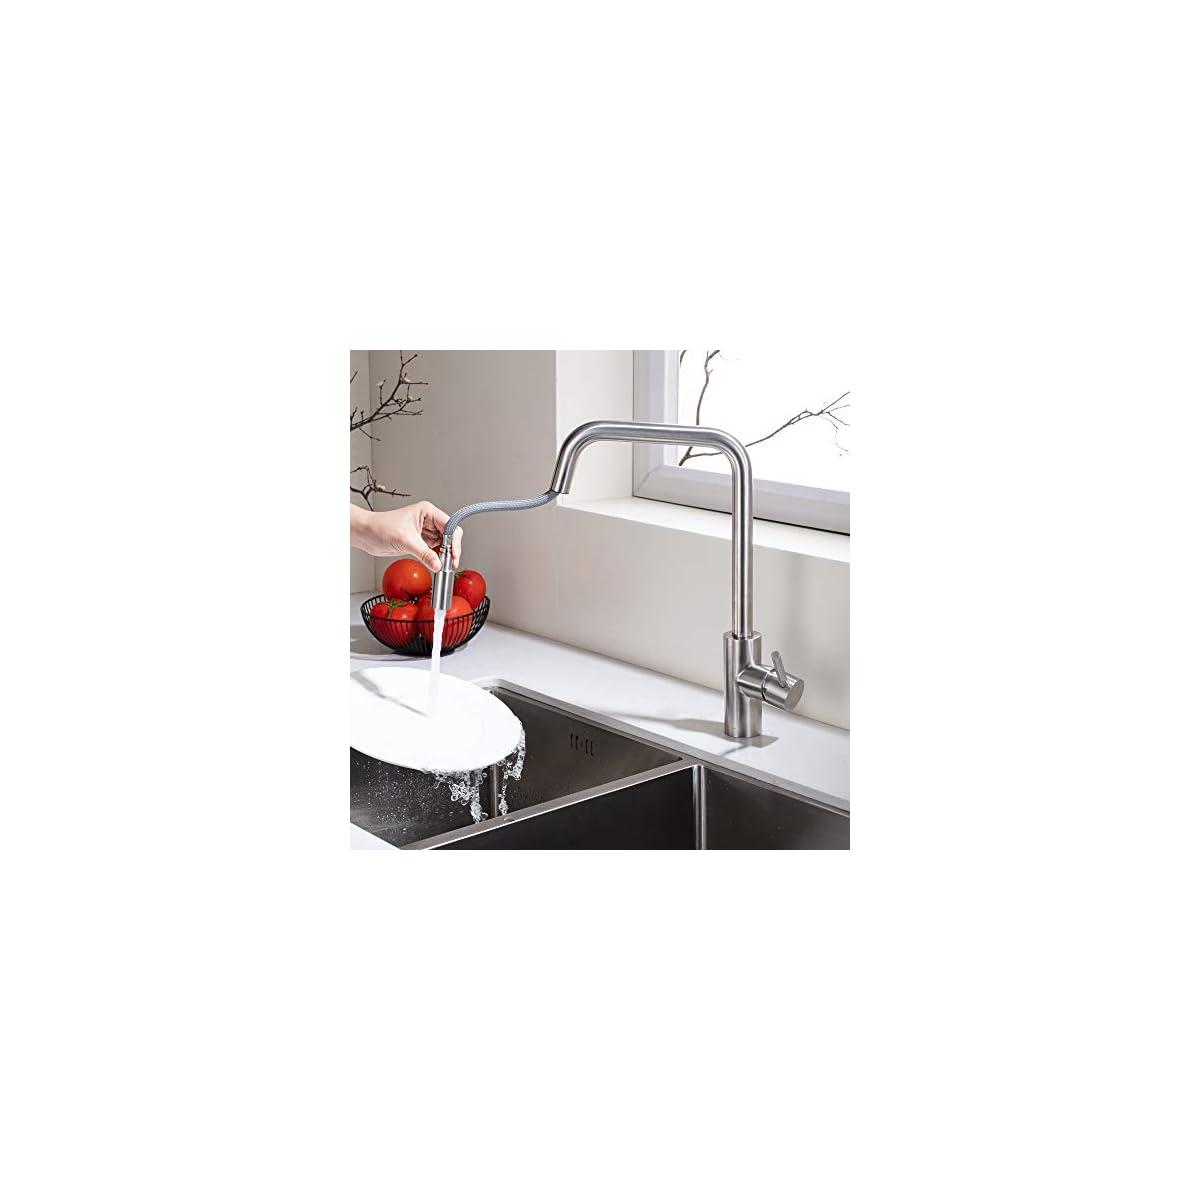 41AmAJ%2BBJJL. SS1200  - HOMELODY Grifo de Cocina 360°Giratorio Extraíble Monomando Agua Fría y Caliente Grifo Cepillado